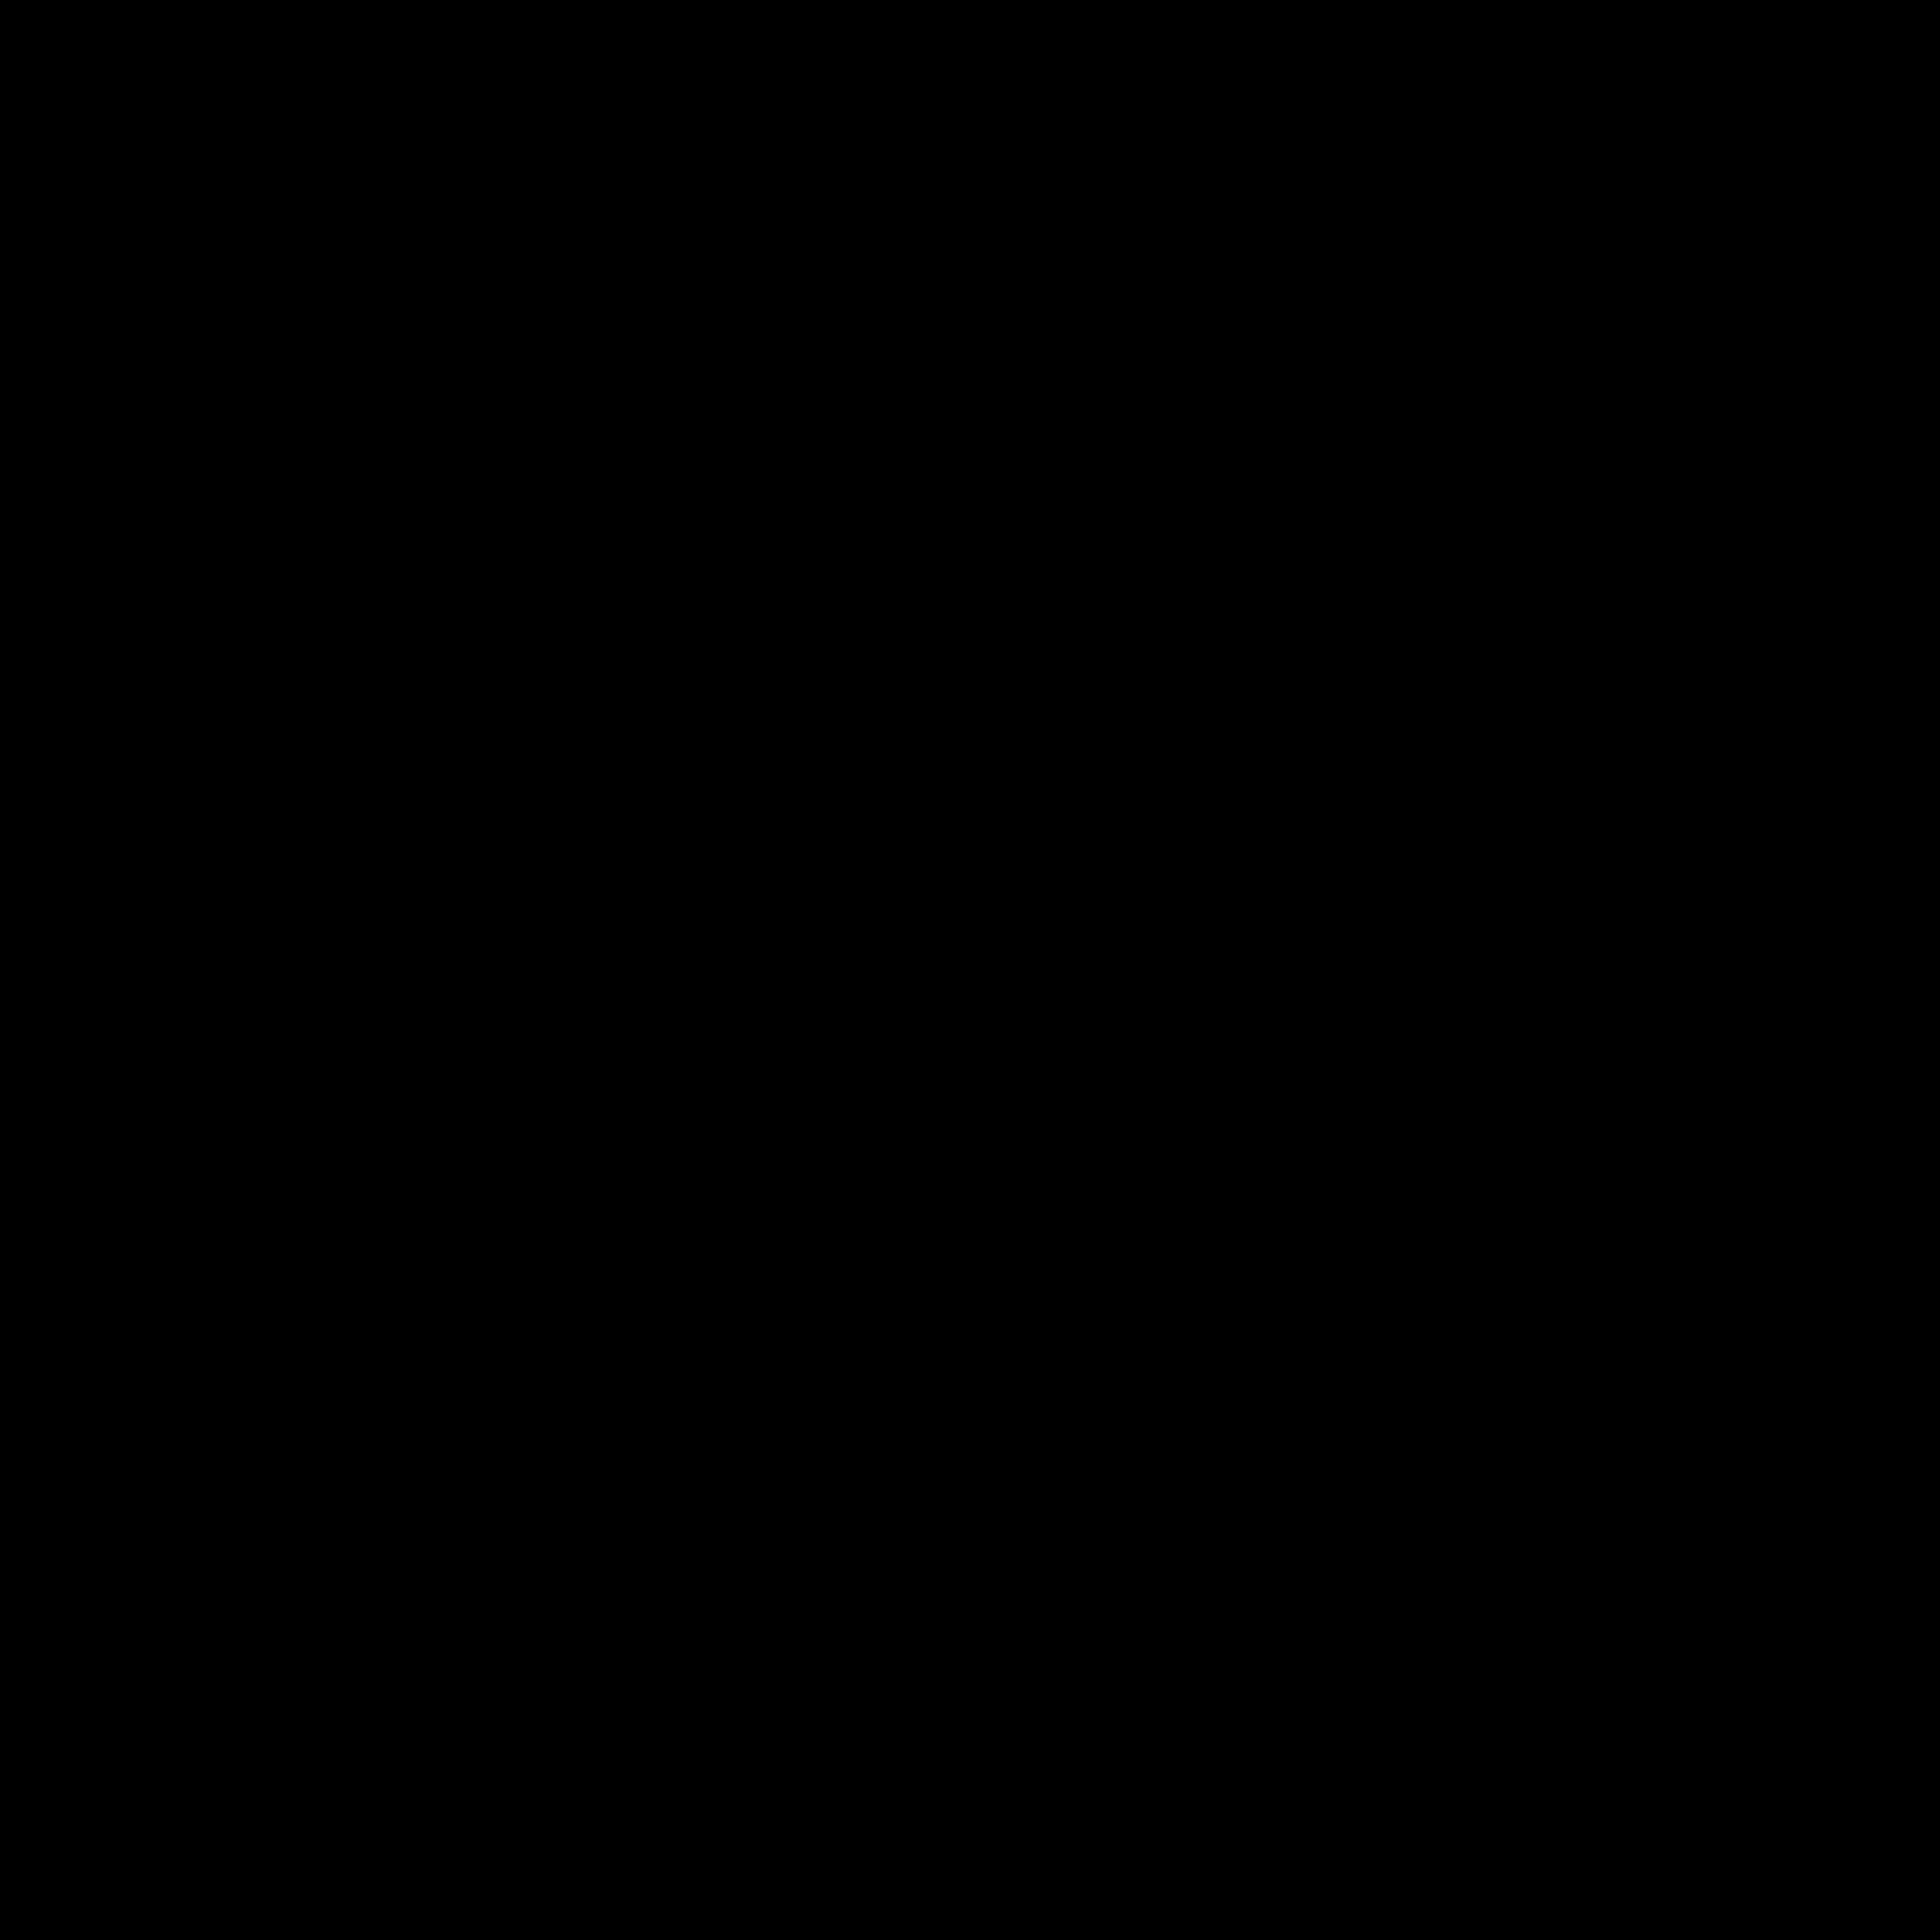 Natasha Kitty Katt Tour